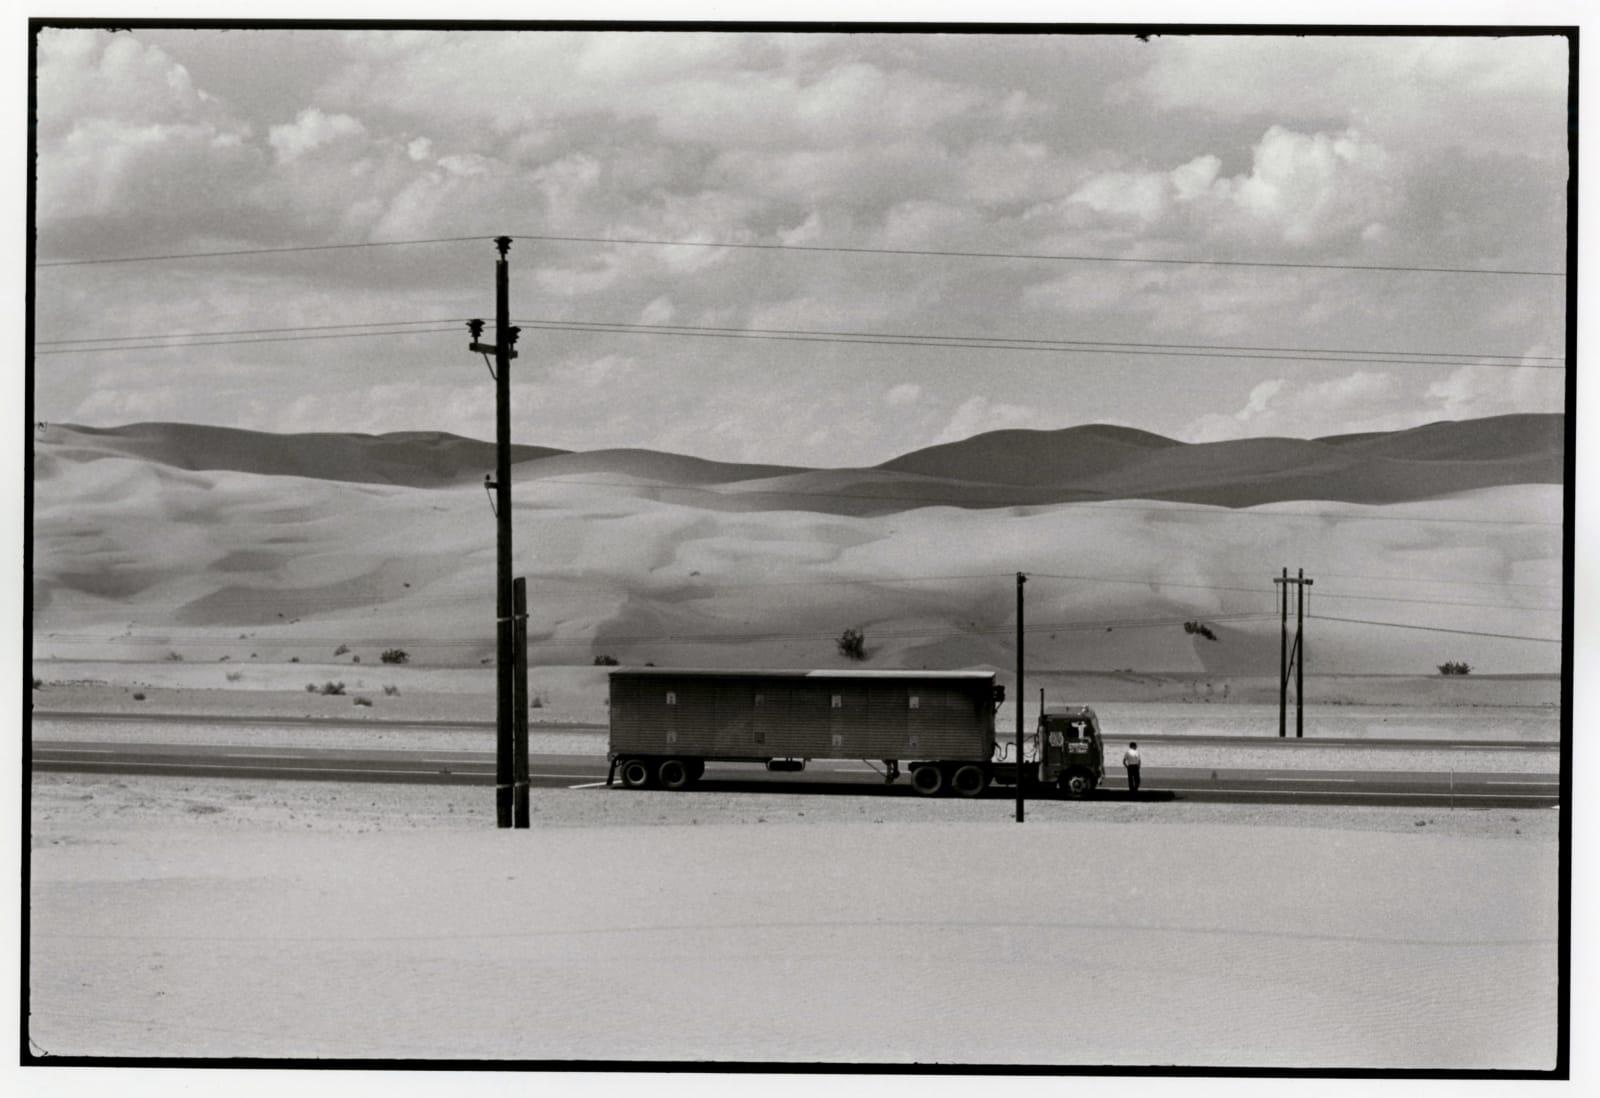 Danny Lyon - Near Yuma California, 1962